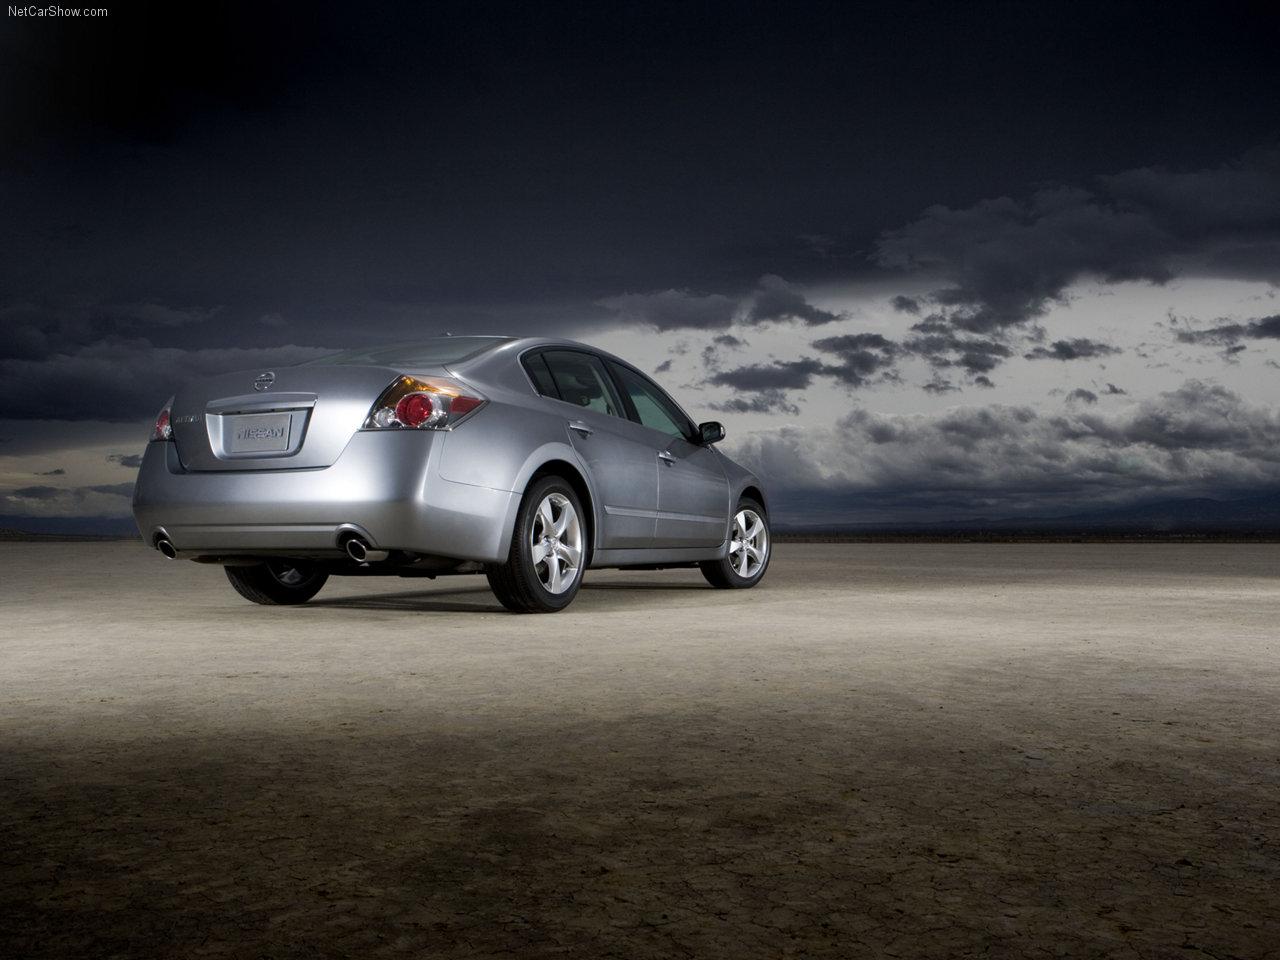 http://1.bp.blogspot.com/-lK3Fzmta5Tc/TXR_P8FHFrI/AAAAAAAADnM/bgaqcqw0yic/s1600/Nissan-Altima_2007_1280x960_wallpaper_09.jpg